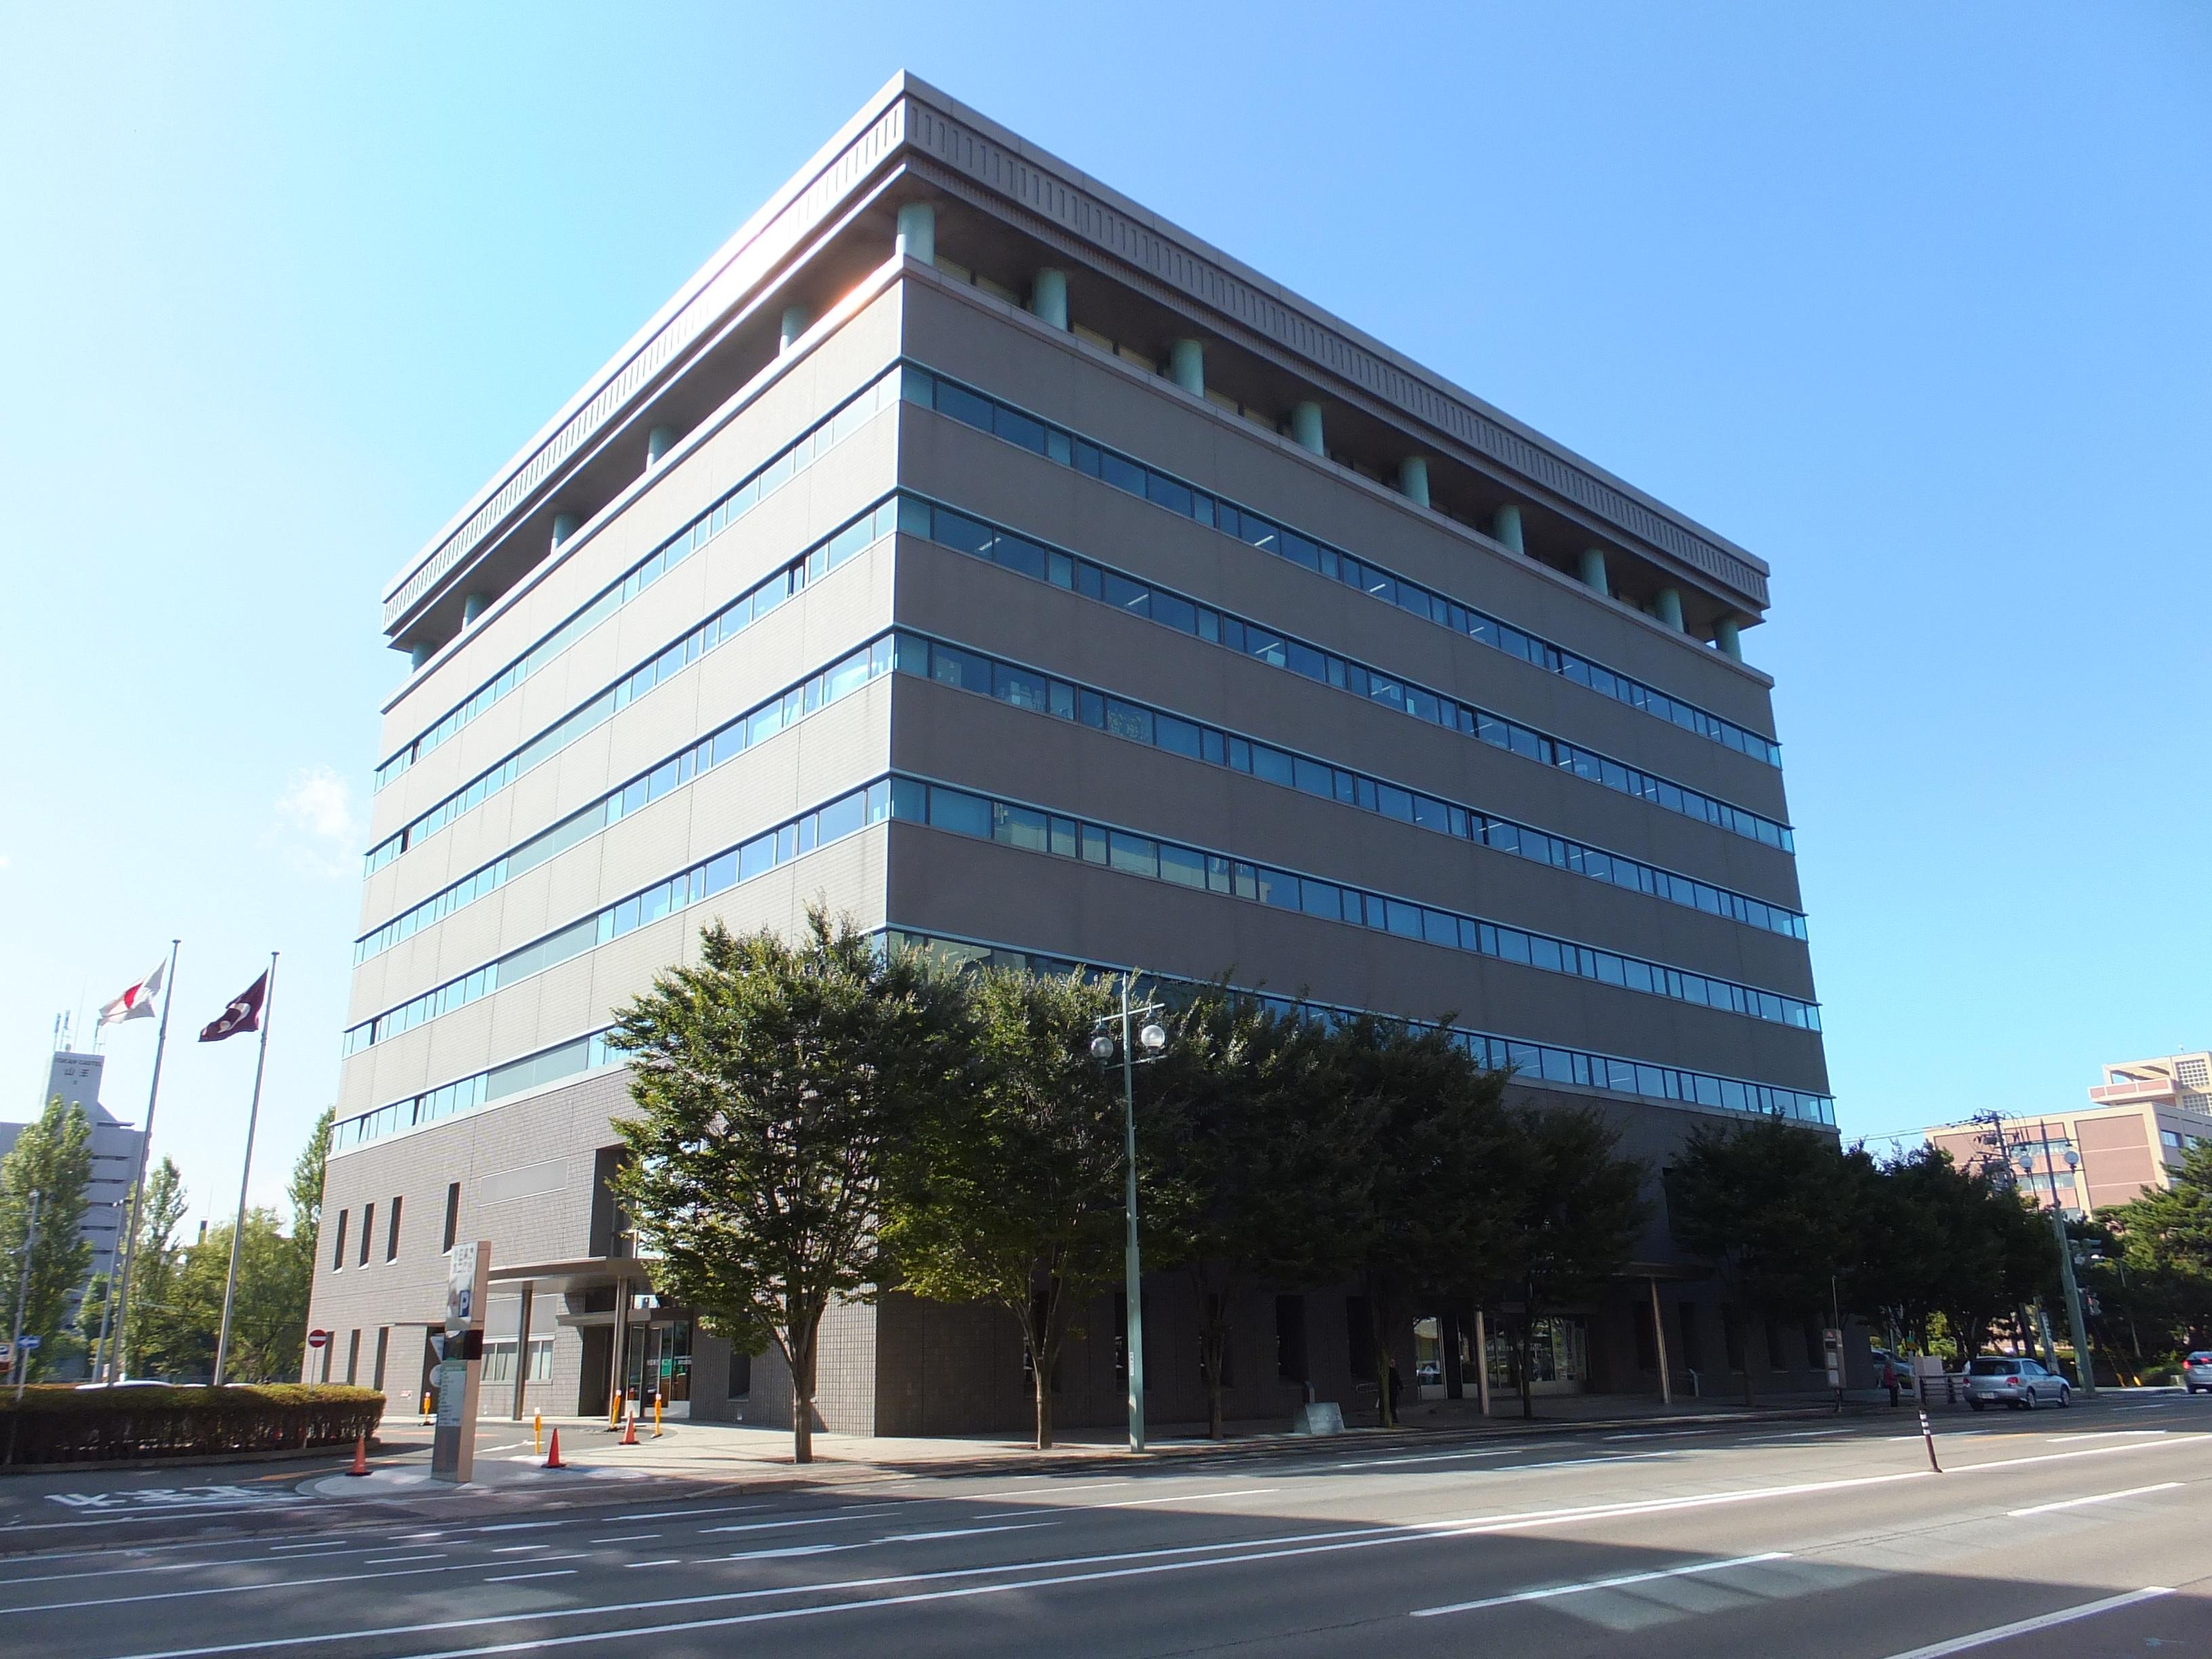 google main office location. Google Main Office Location E